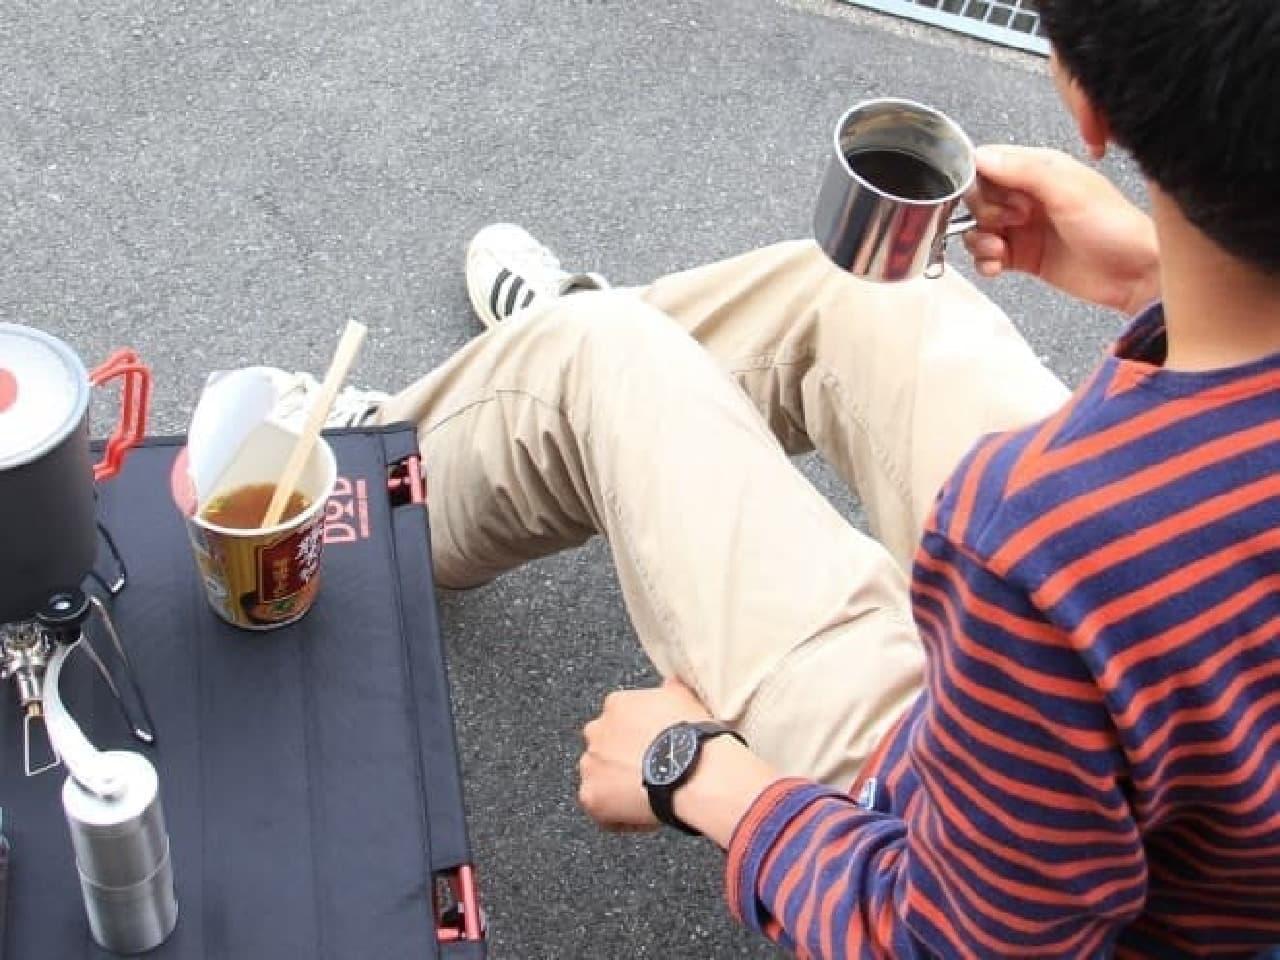 「ラーメン、コーヒー、そして俺」楽しみ方の例